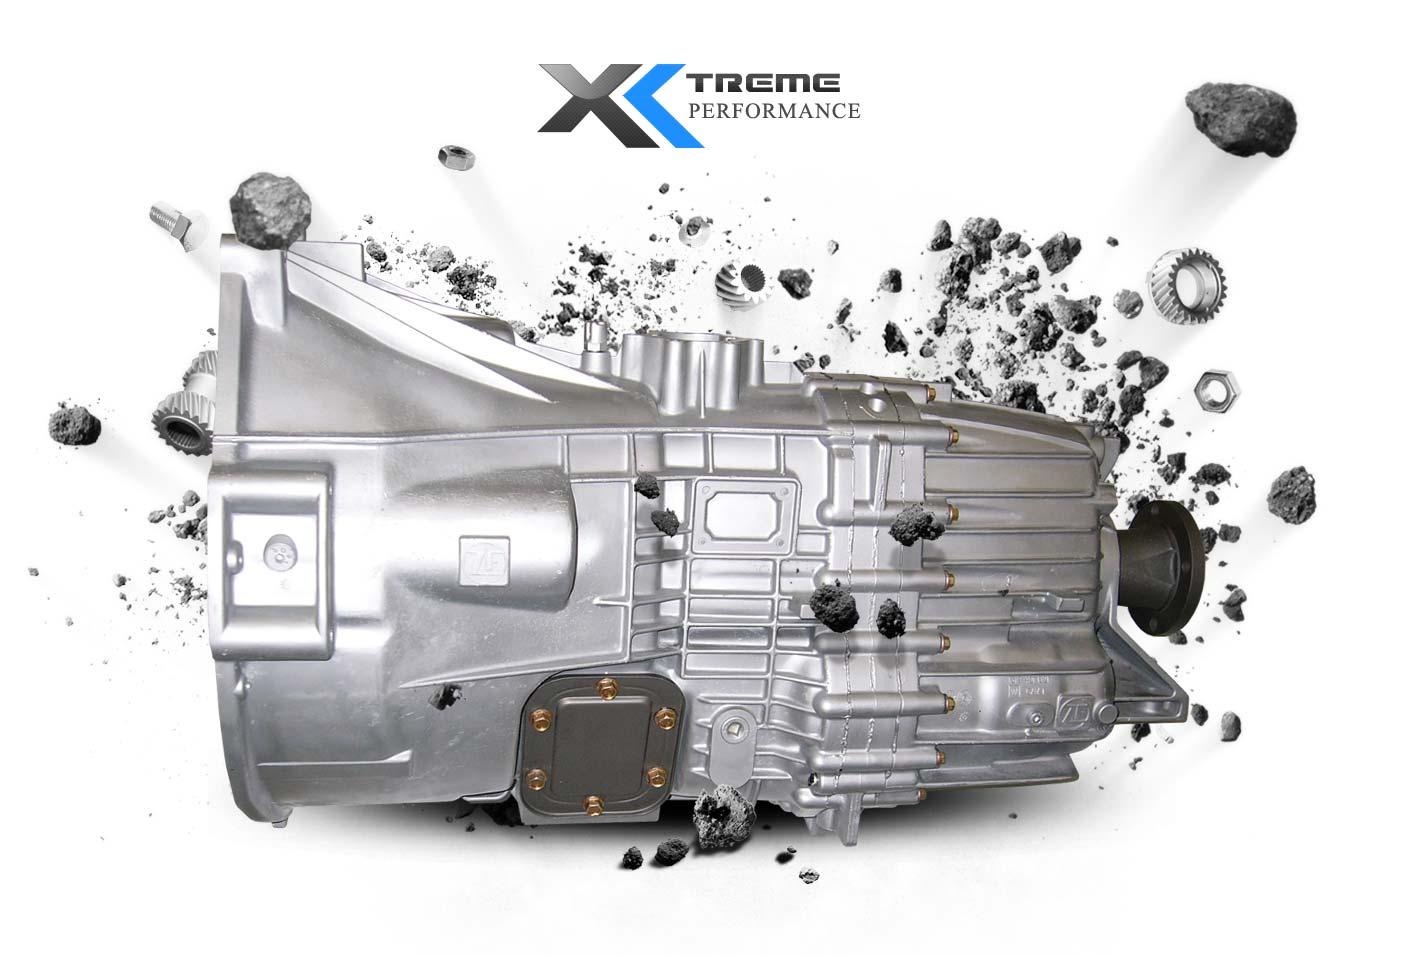 fmx transmission wiring diagram fmx transmission tools. Black Bedroom Furniture Sets. Home Design Ideas